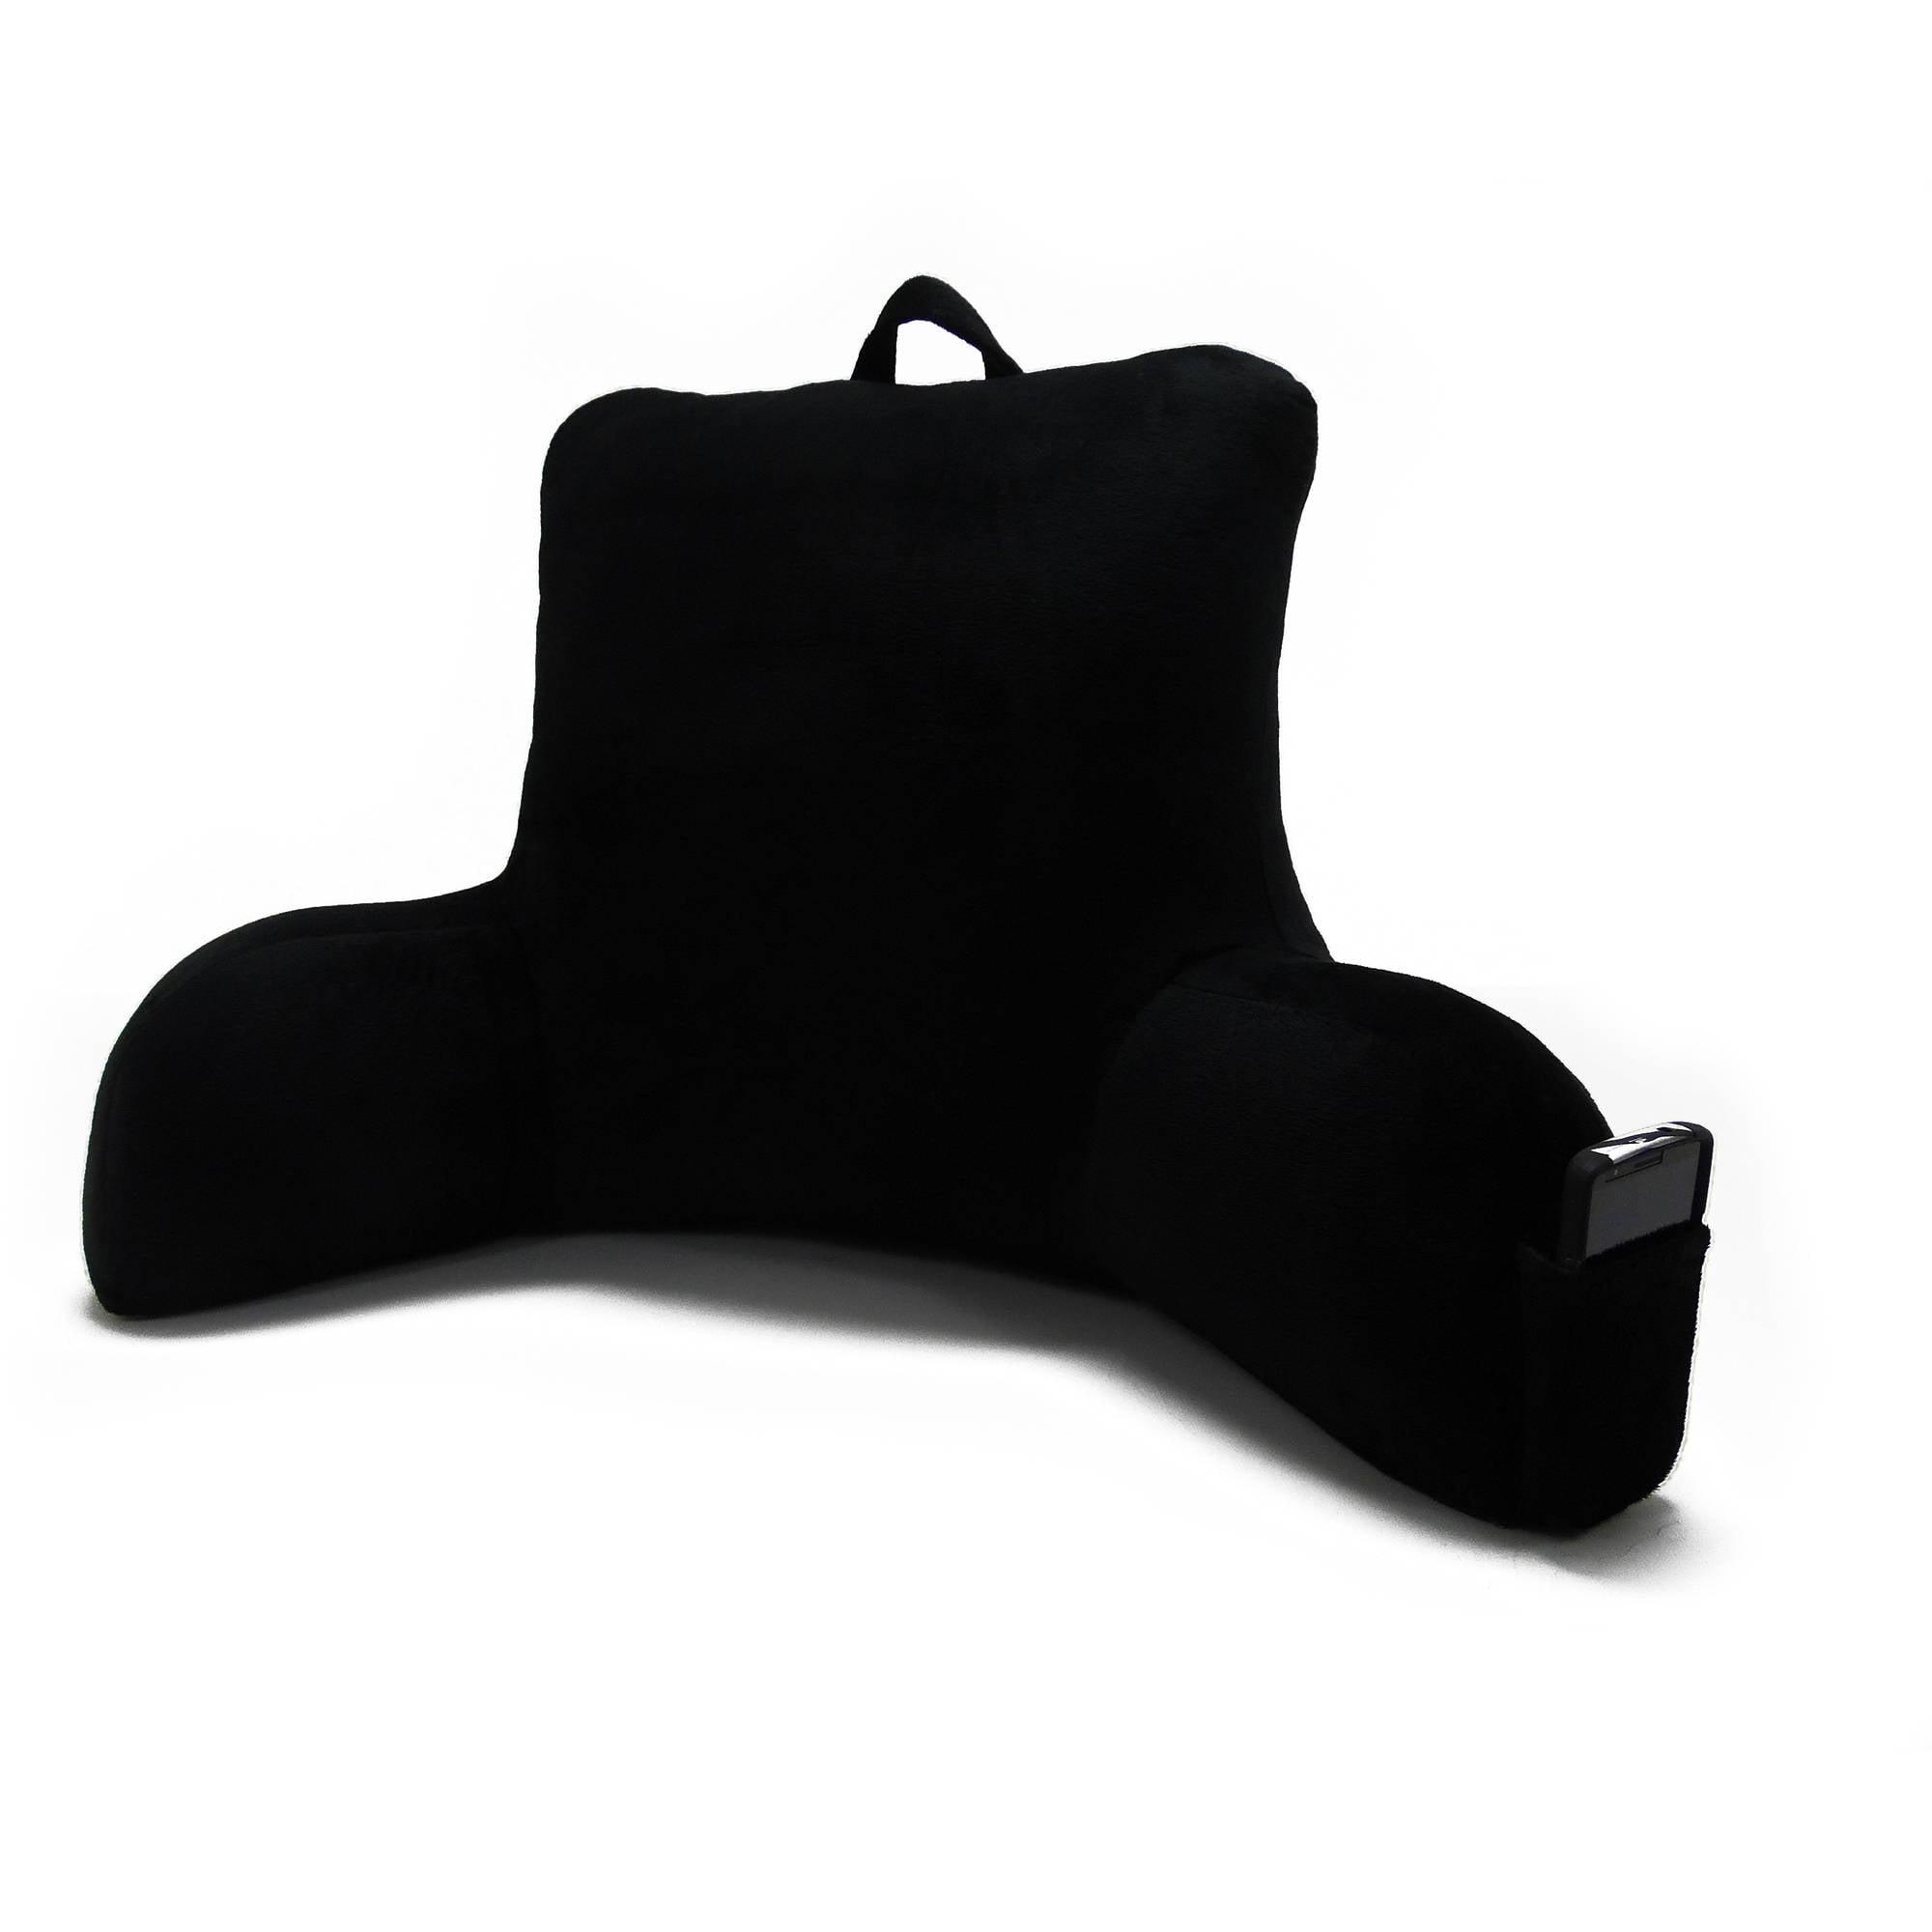 Bed rest pillow black - Bed Rest Pillow Back Support Arm With Pocket Backrest Cushion Garnet Black